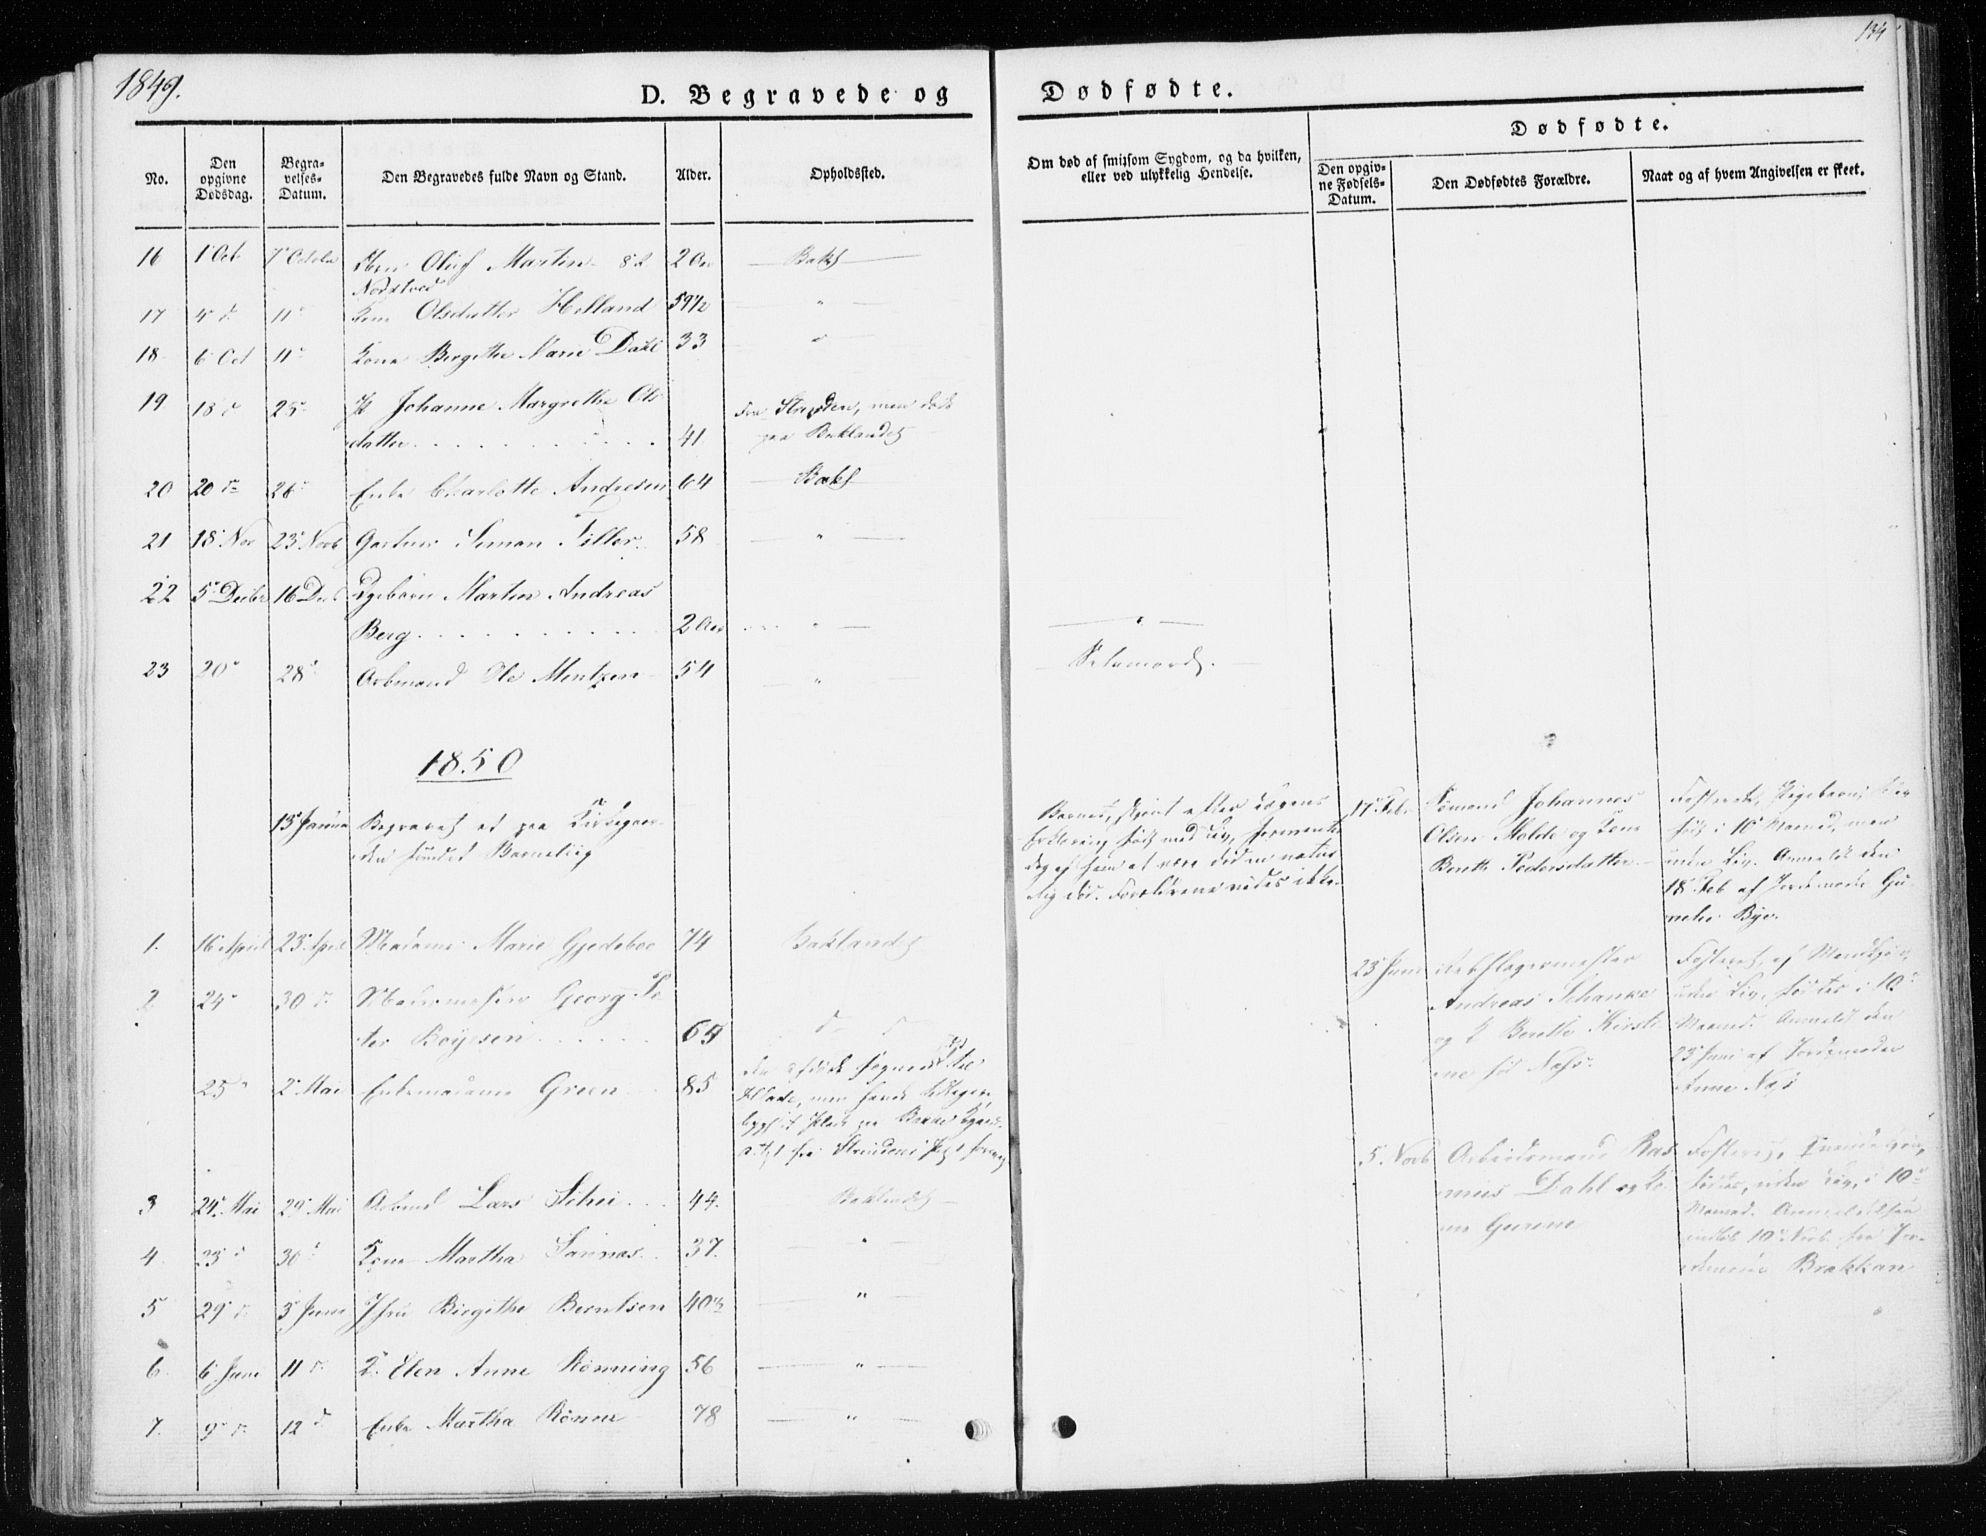 SAT, Ministerialprotokoller, klokkerbøker og fødselsregistre - Sør-Trøndelag, 604/L0183: Ministerialbok nr. 604A04, 1841-1850, s. 134